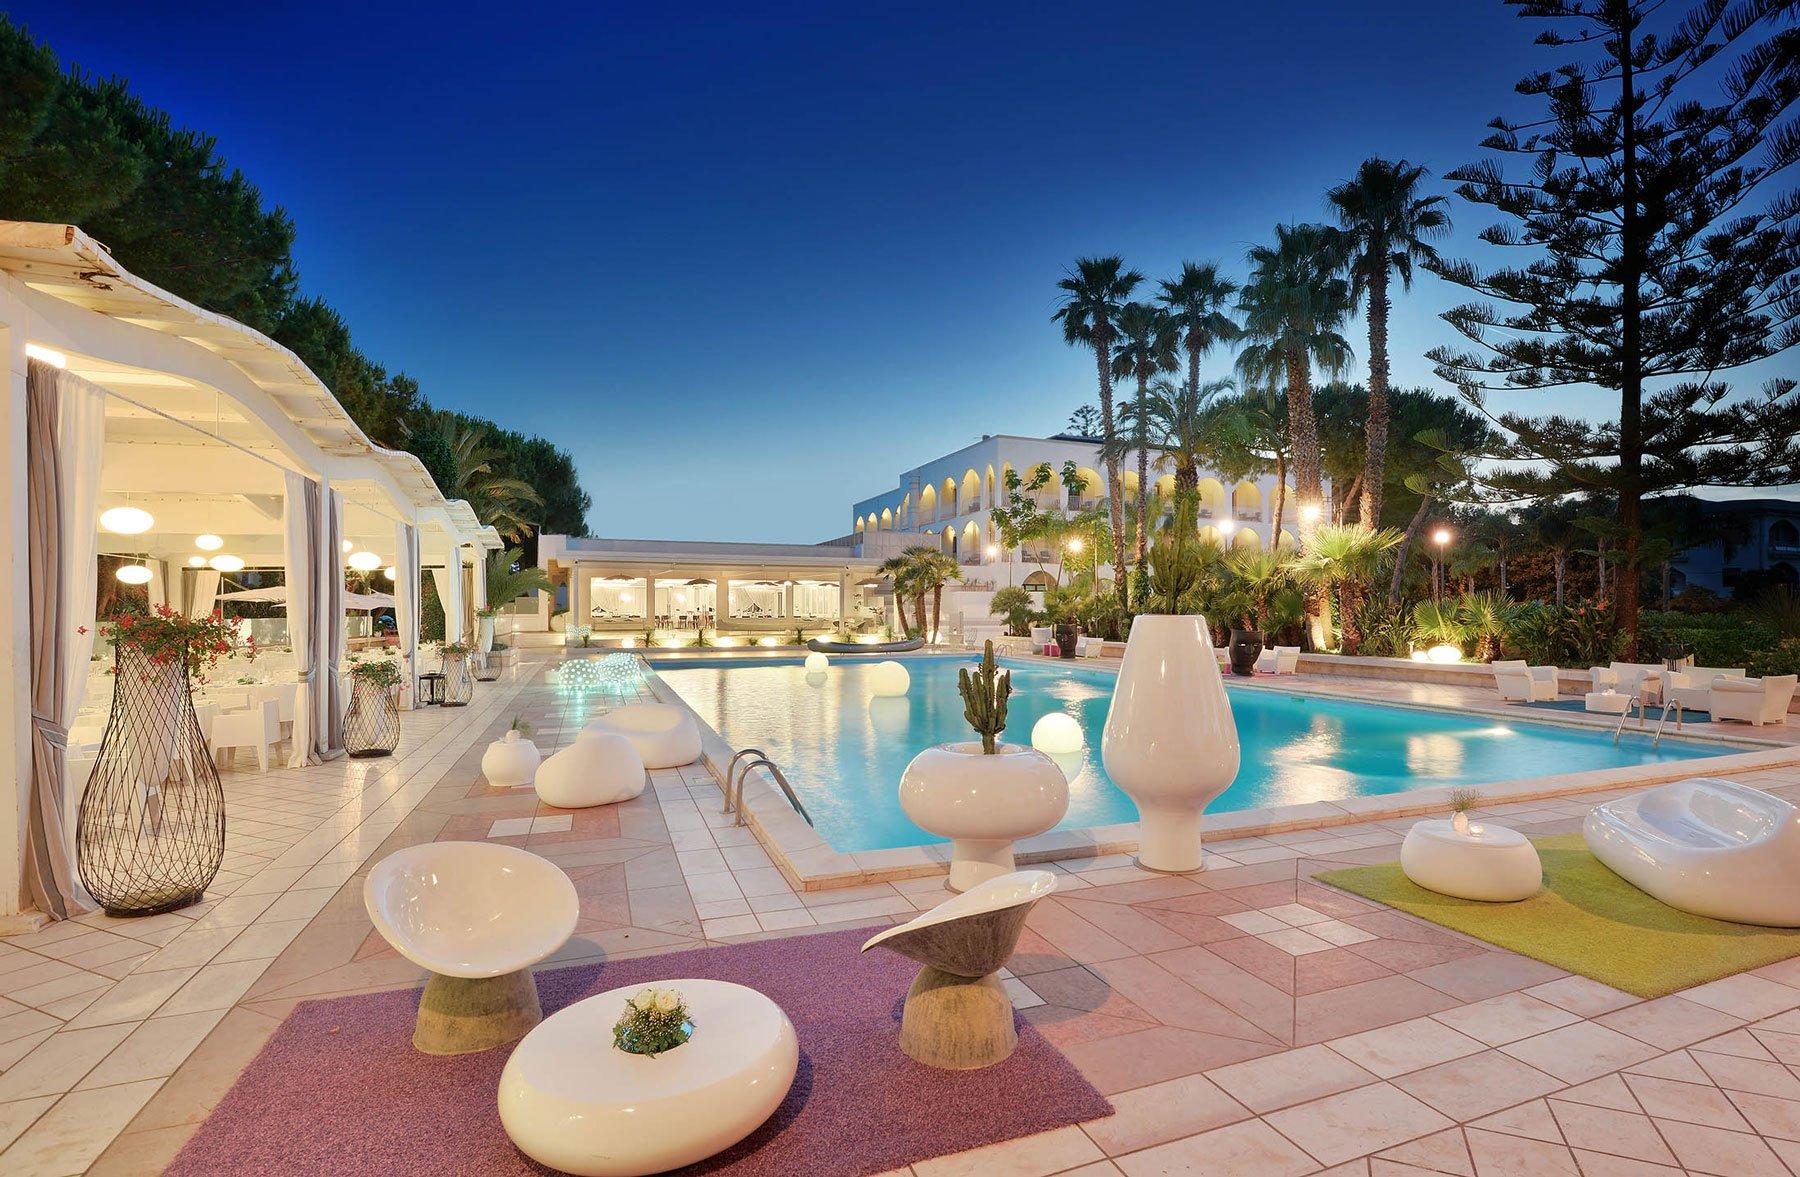 Una piscina di una villa con delle palme intorno